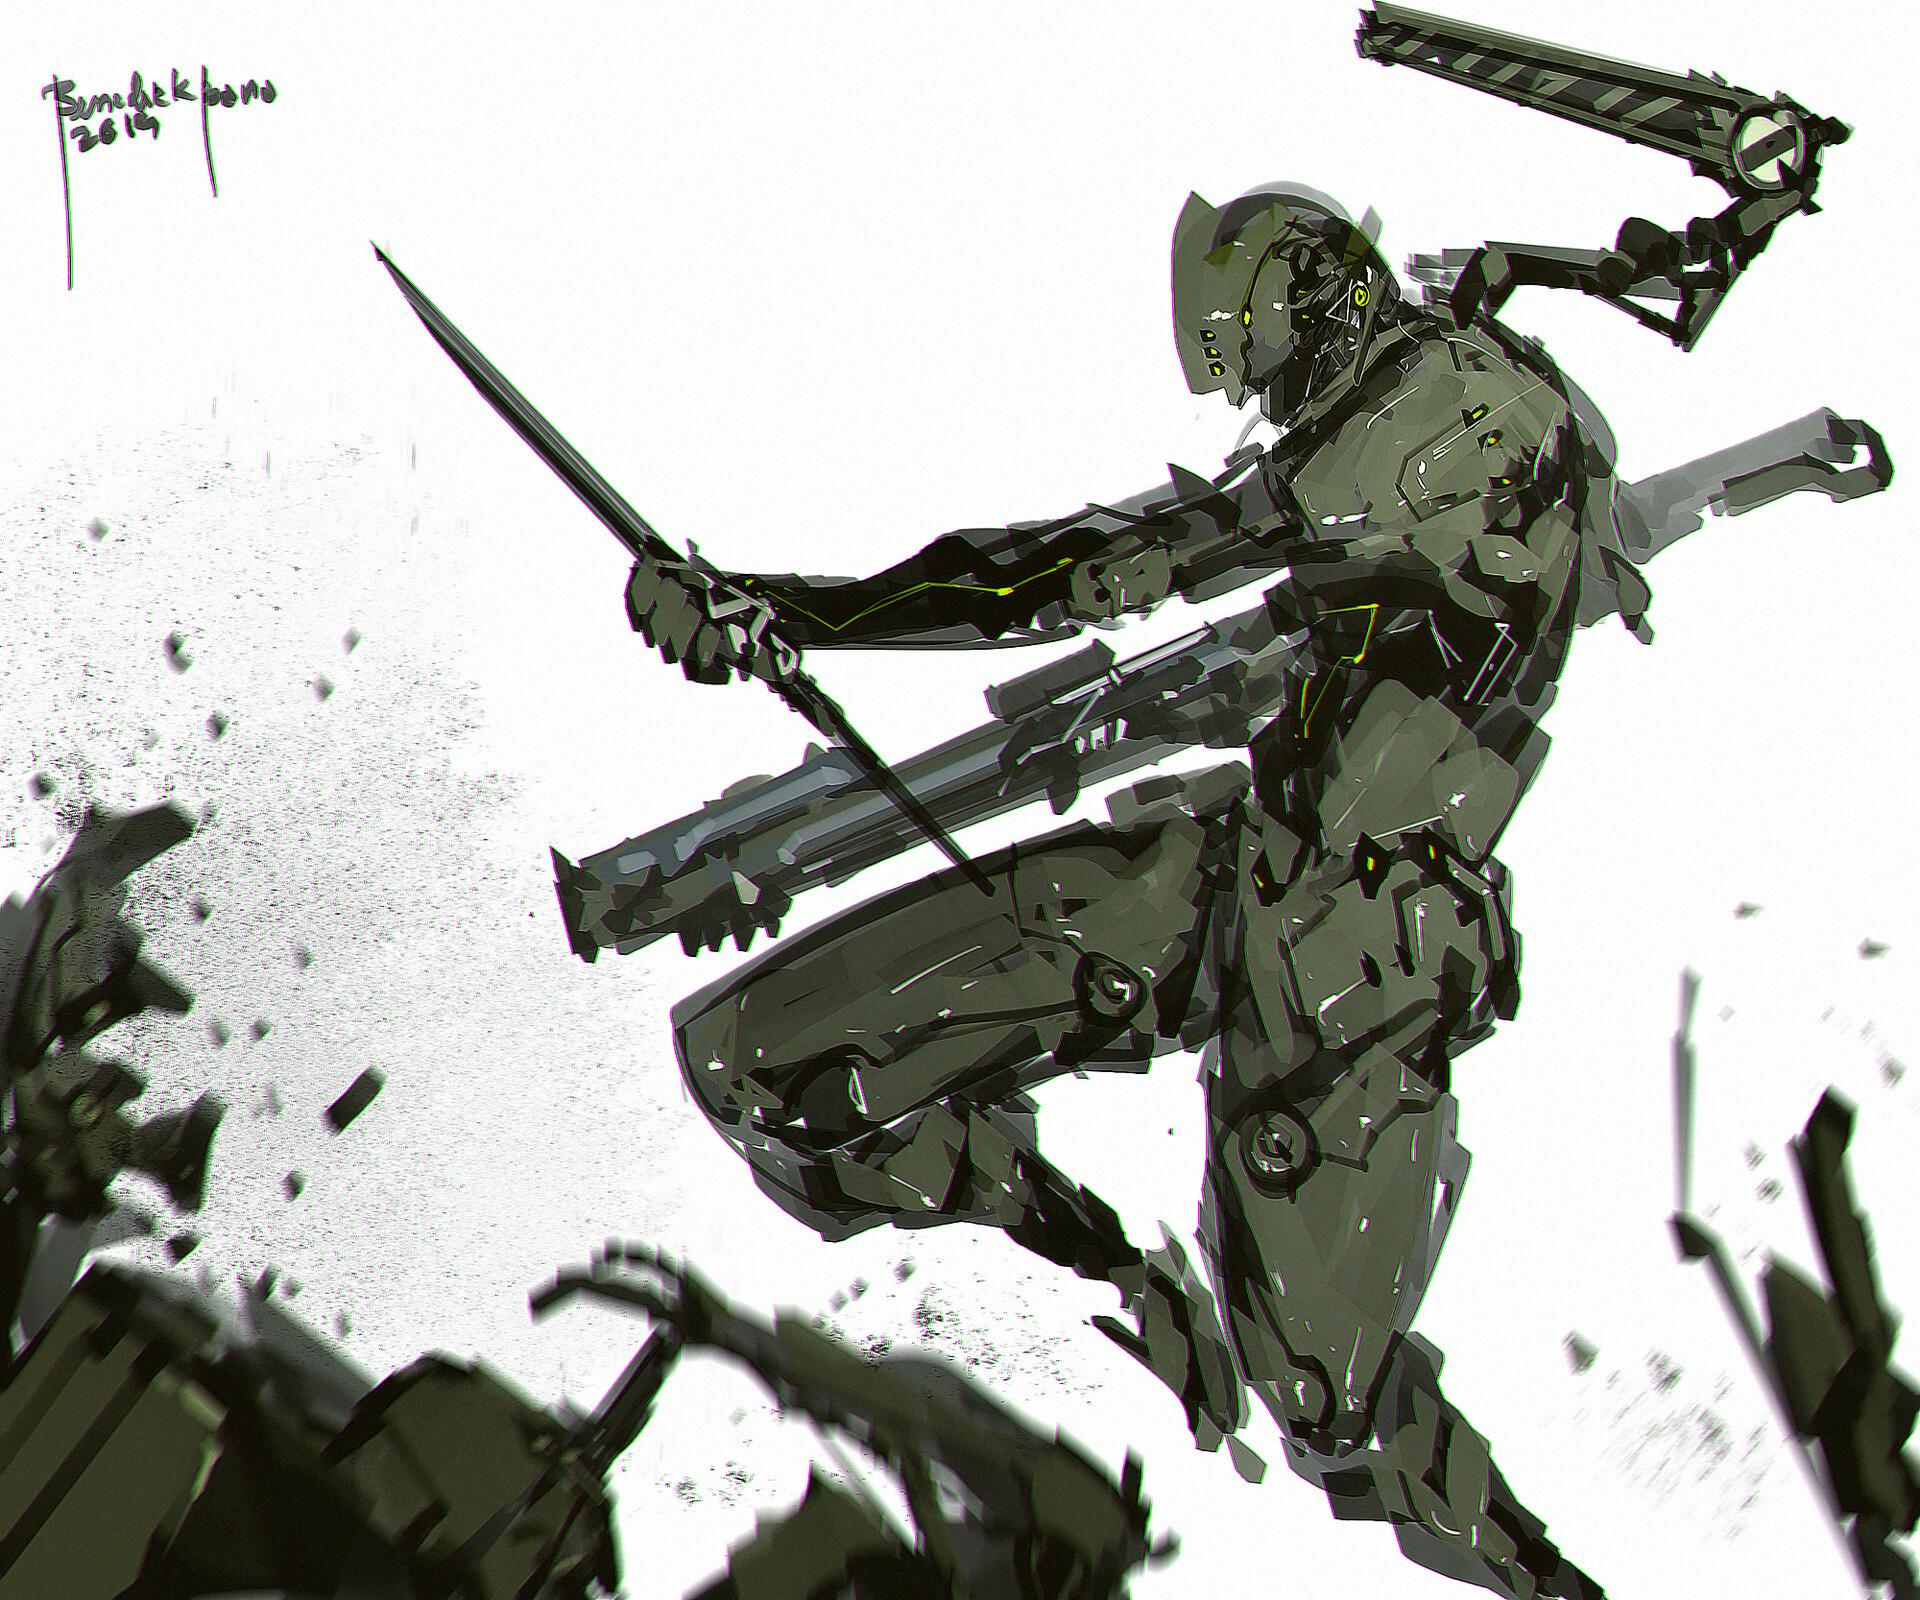 concept art scifi military battle